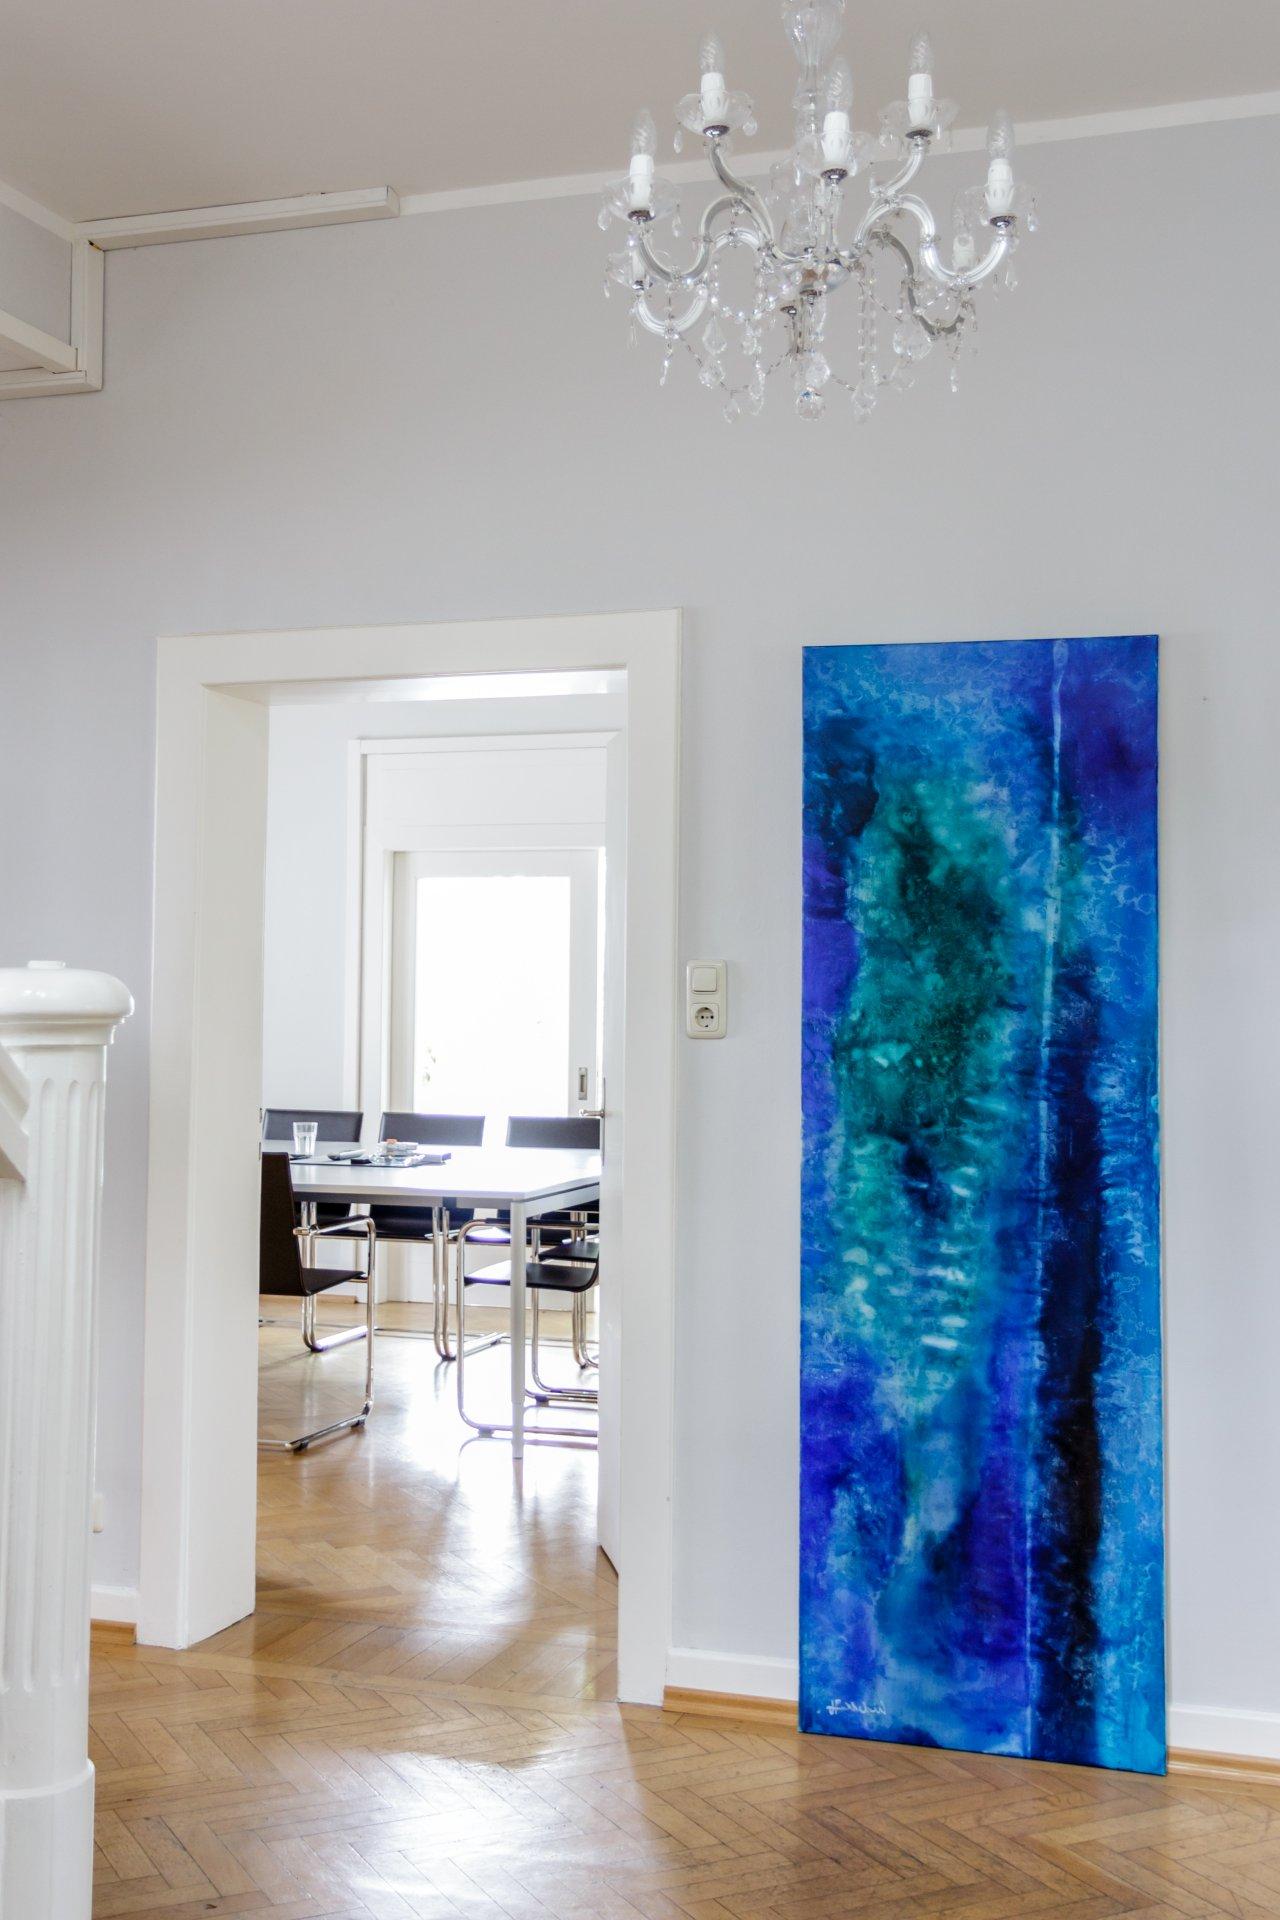 alfred niedecken k nstlerische arbeit institut f r humanistische kunsttherapie darmstadt. Black Bedroom Furniture Sets. Home Design Ideas